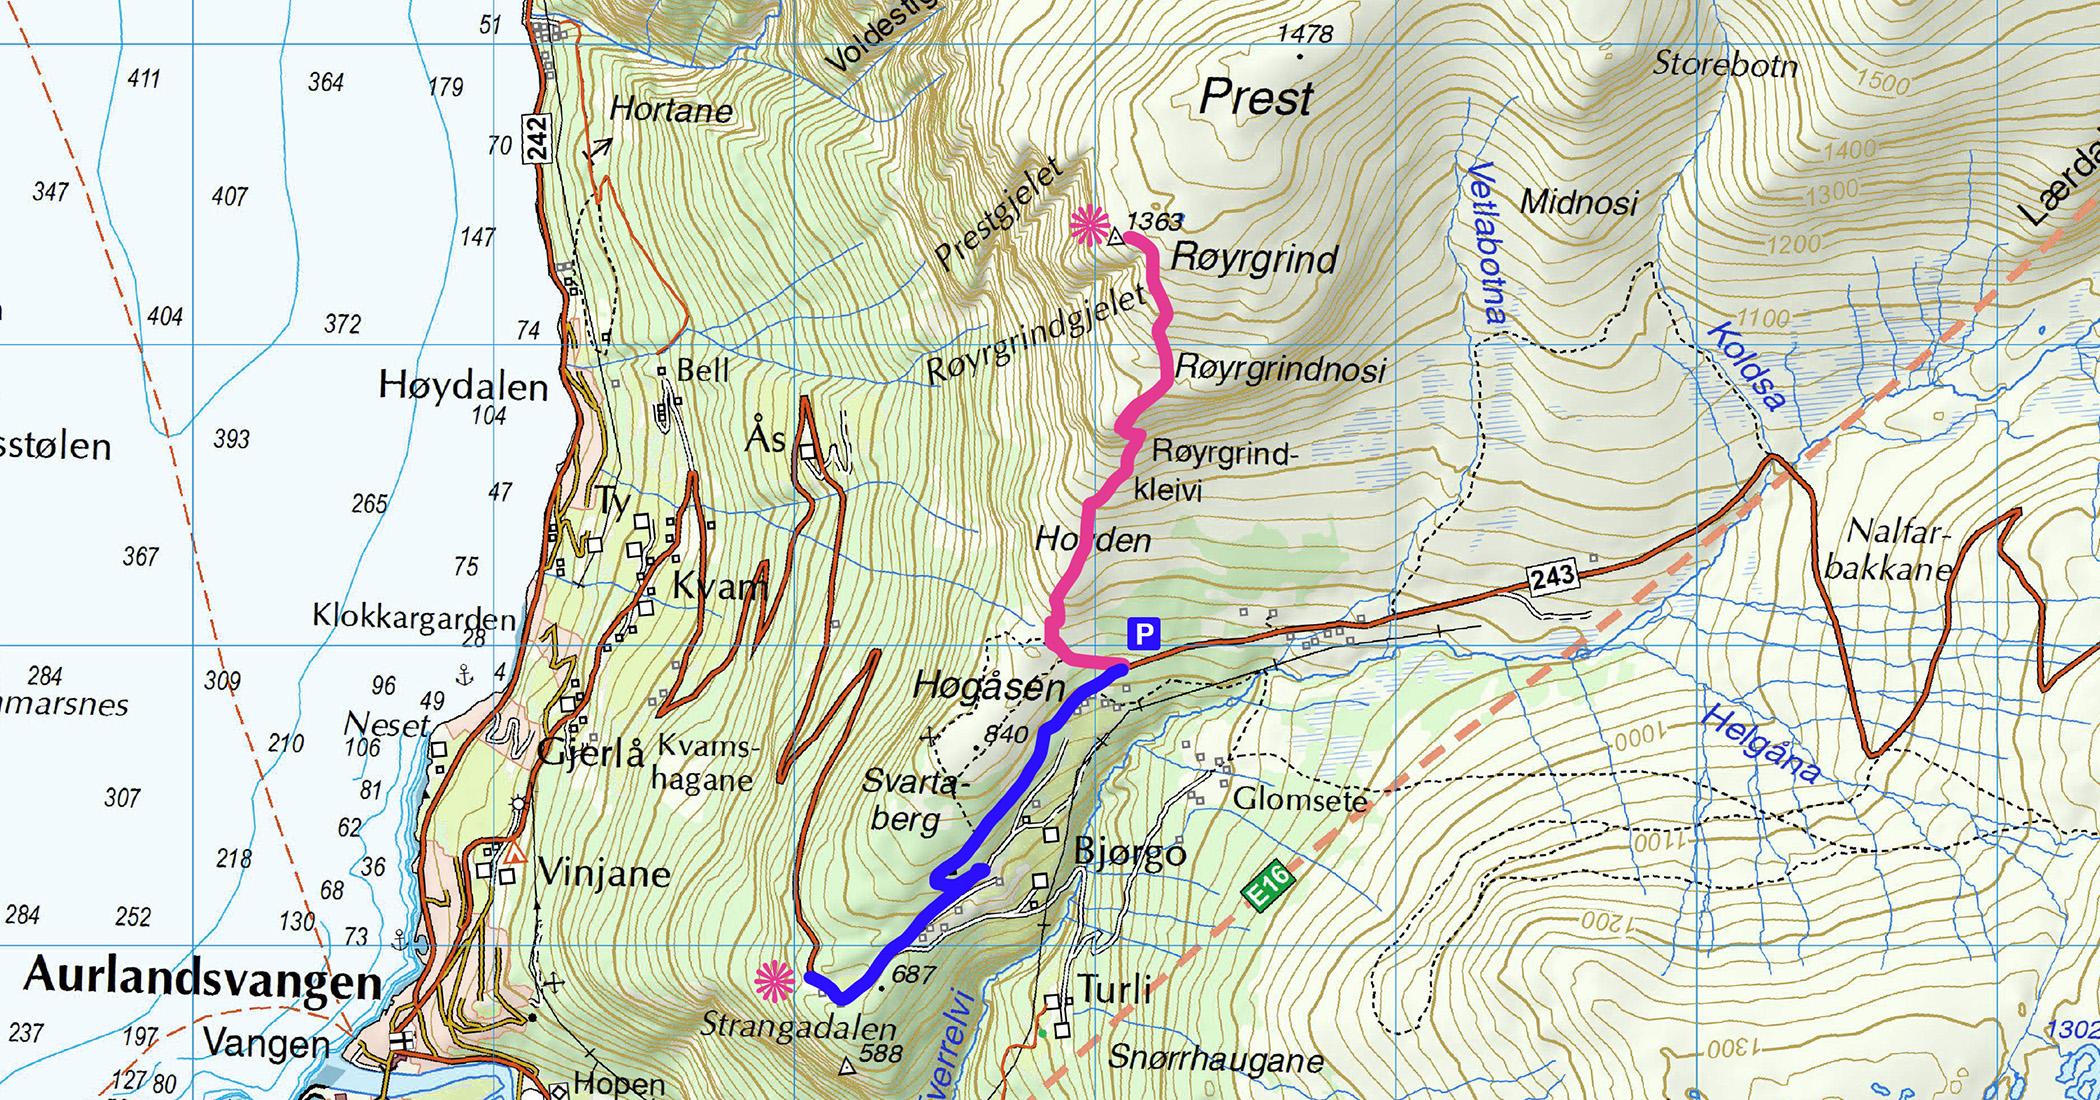 Trekking na Prest, Aurland